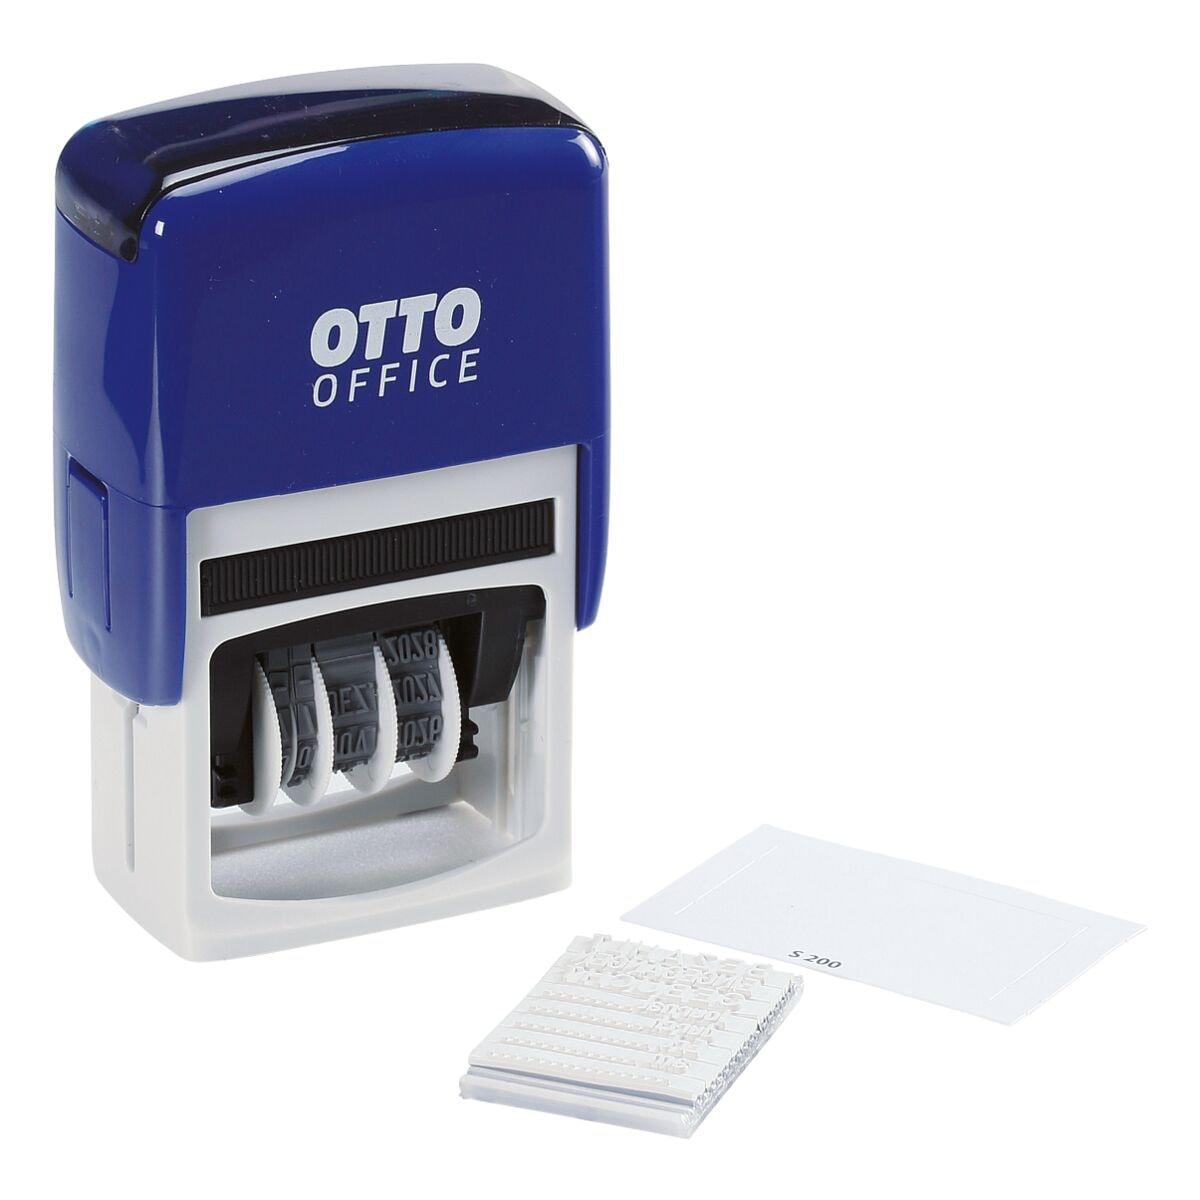 www otto office com